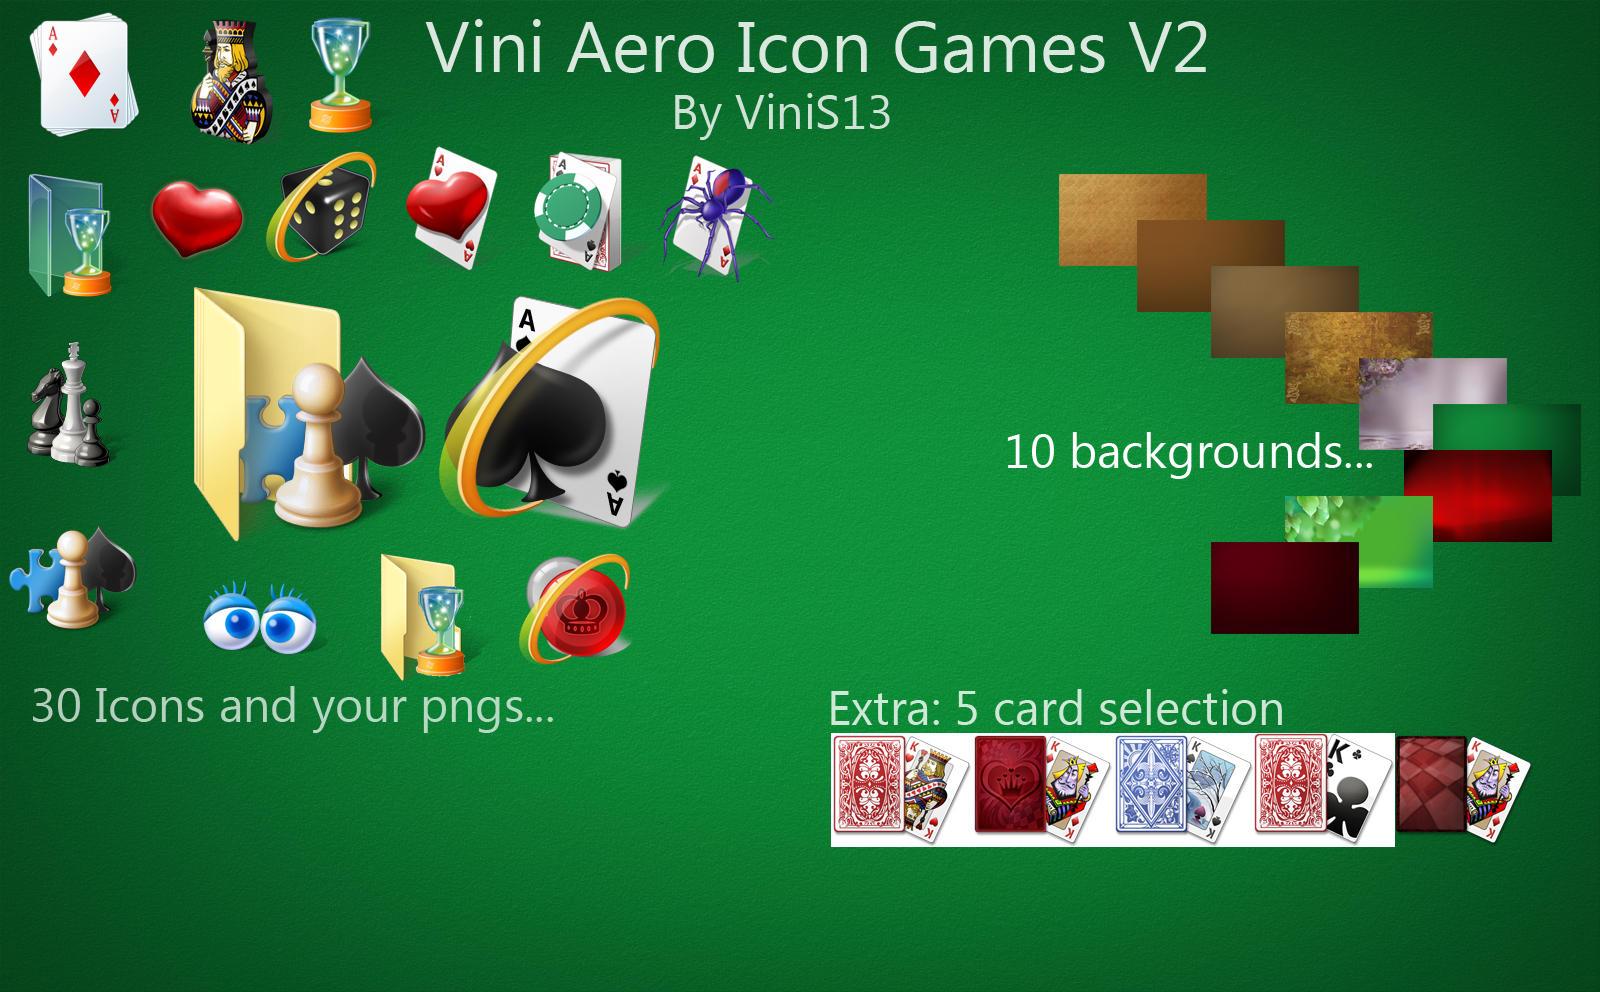 Vini Aero icon Games V2 by Vinis13